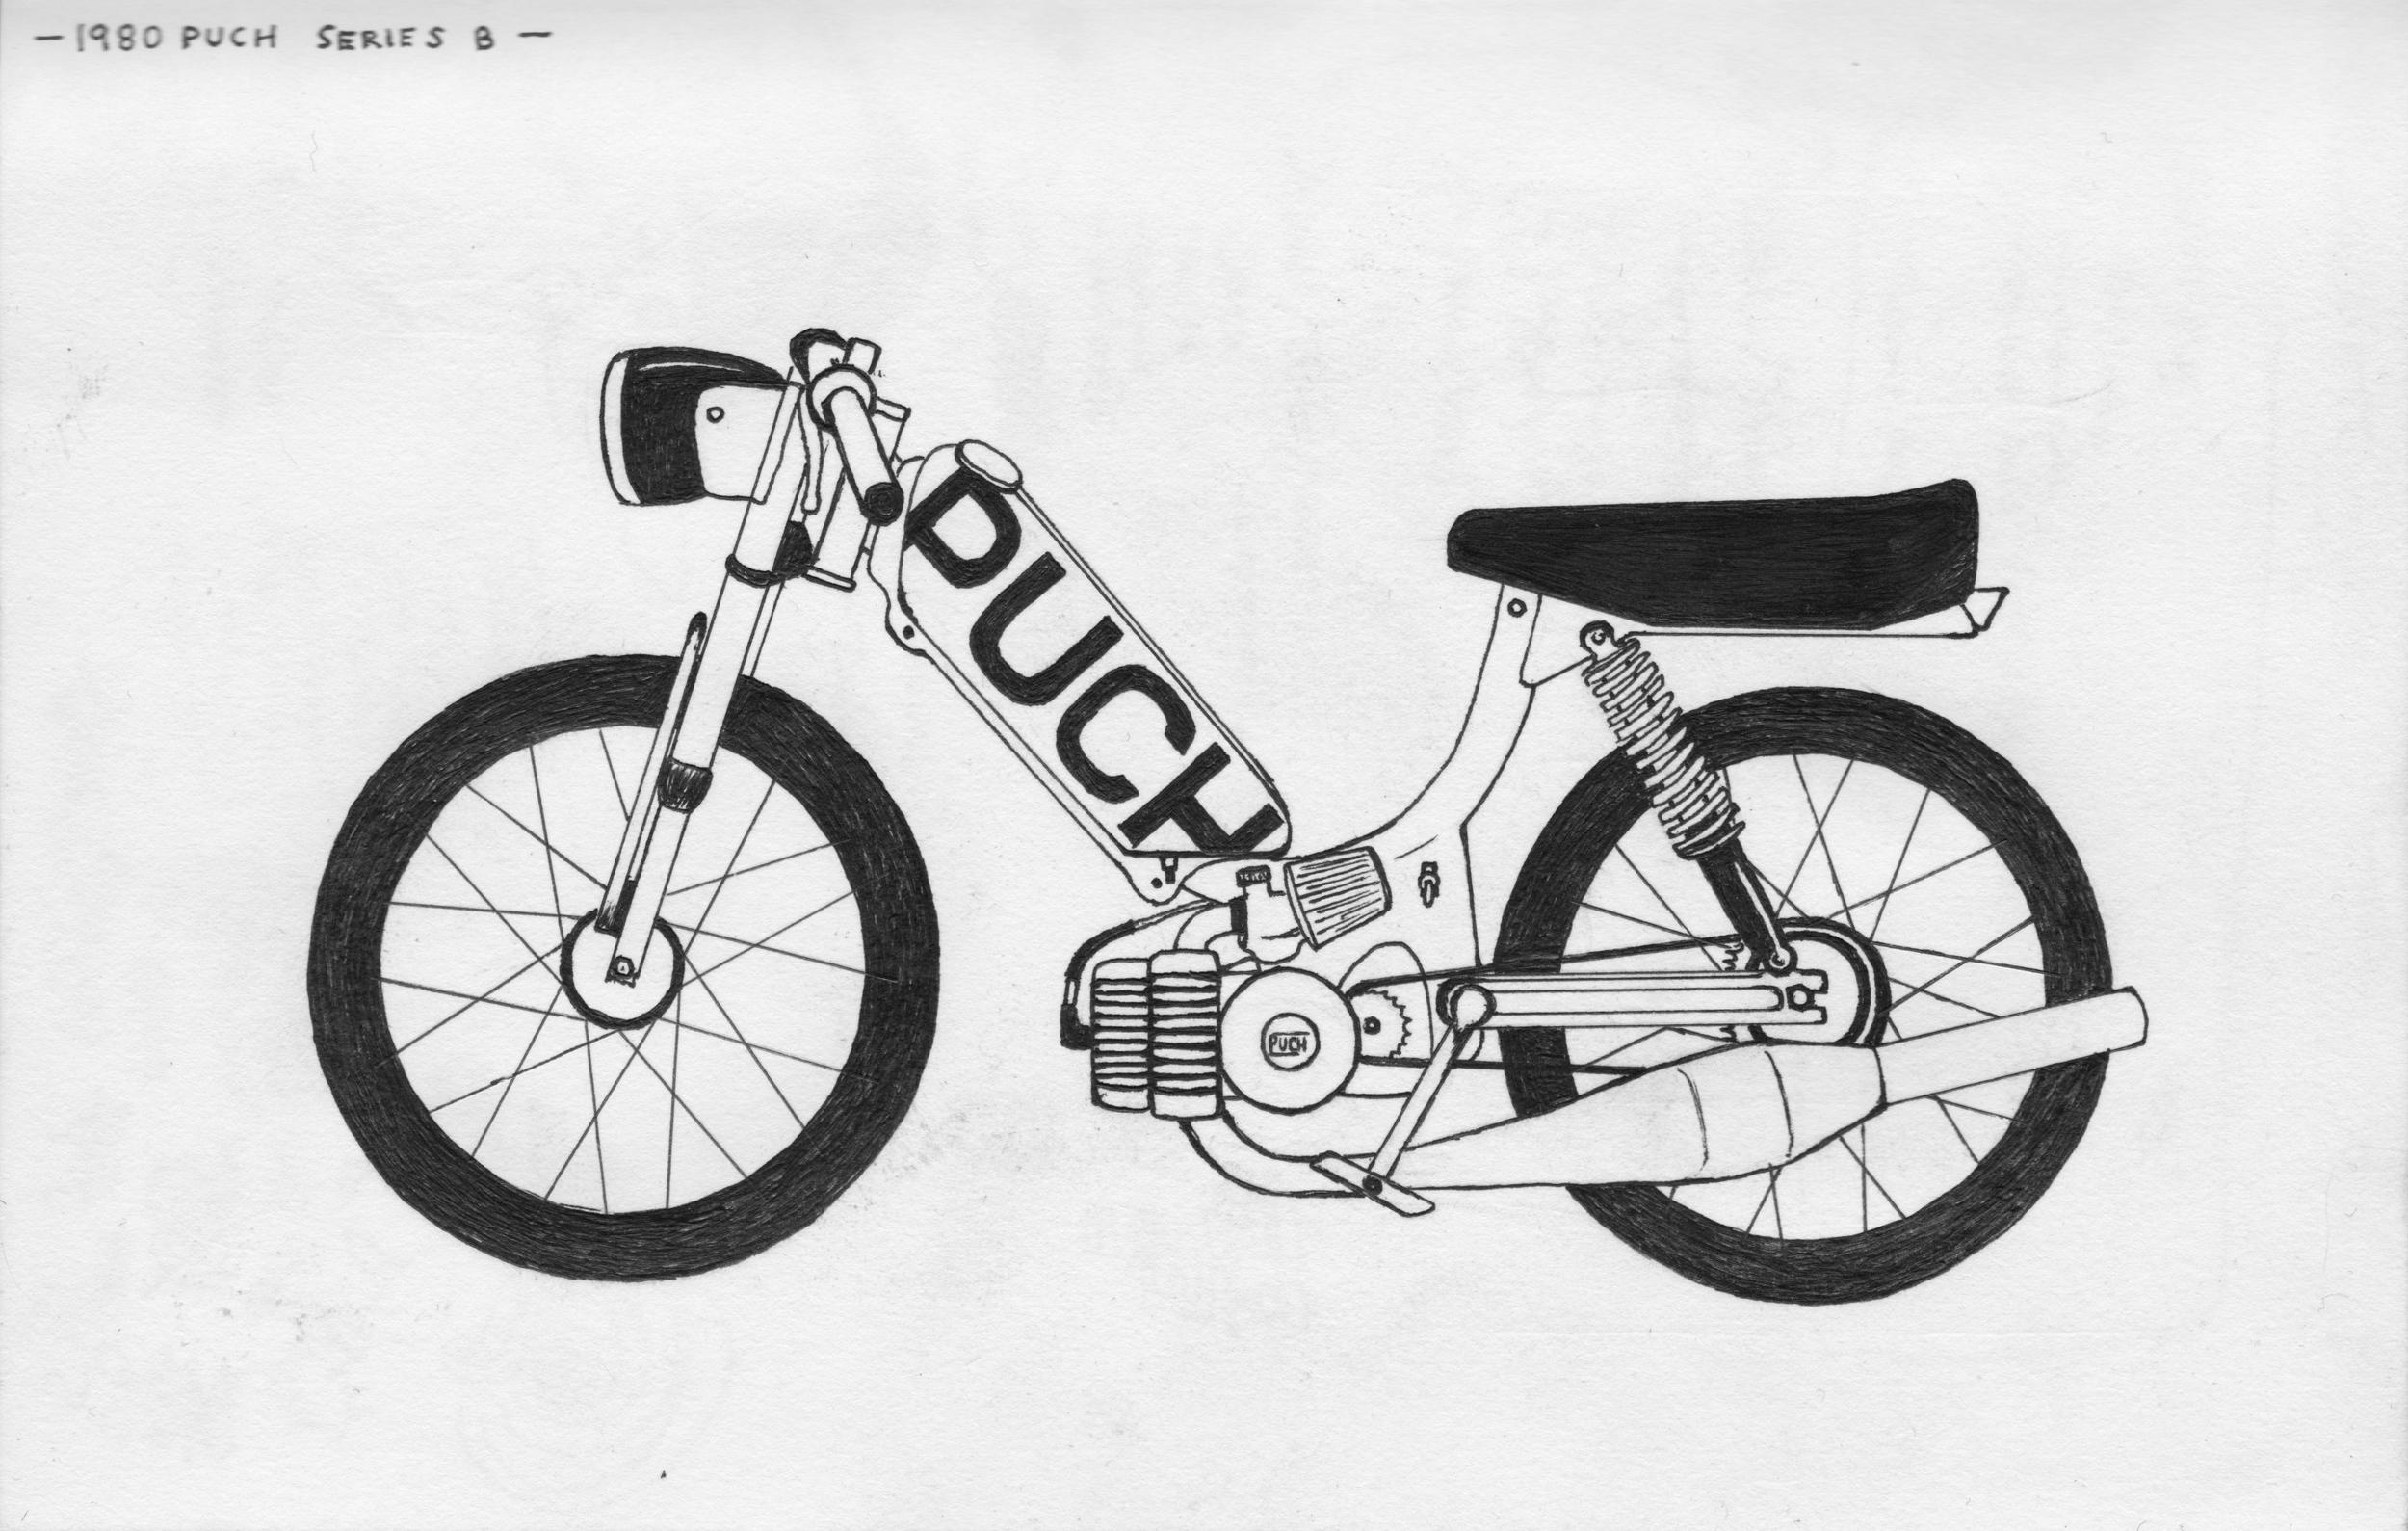 1980 Puch Series B